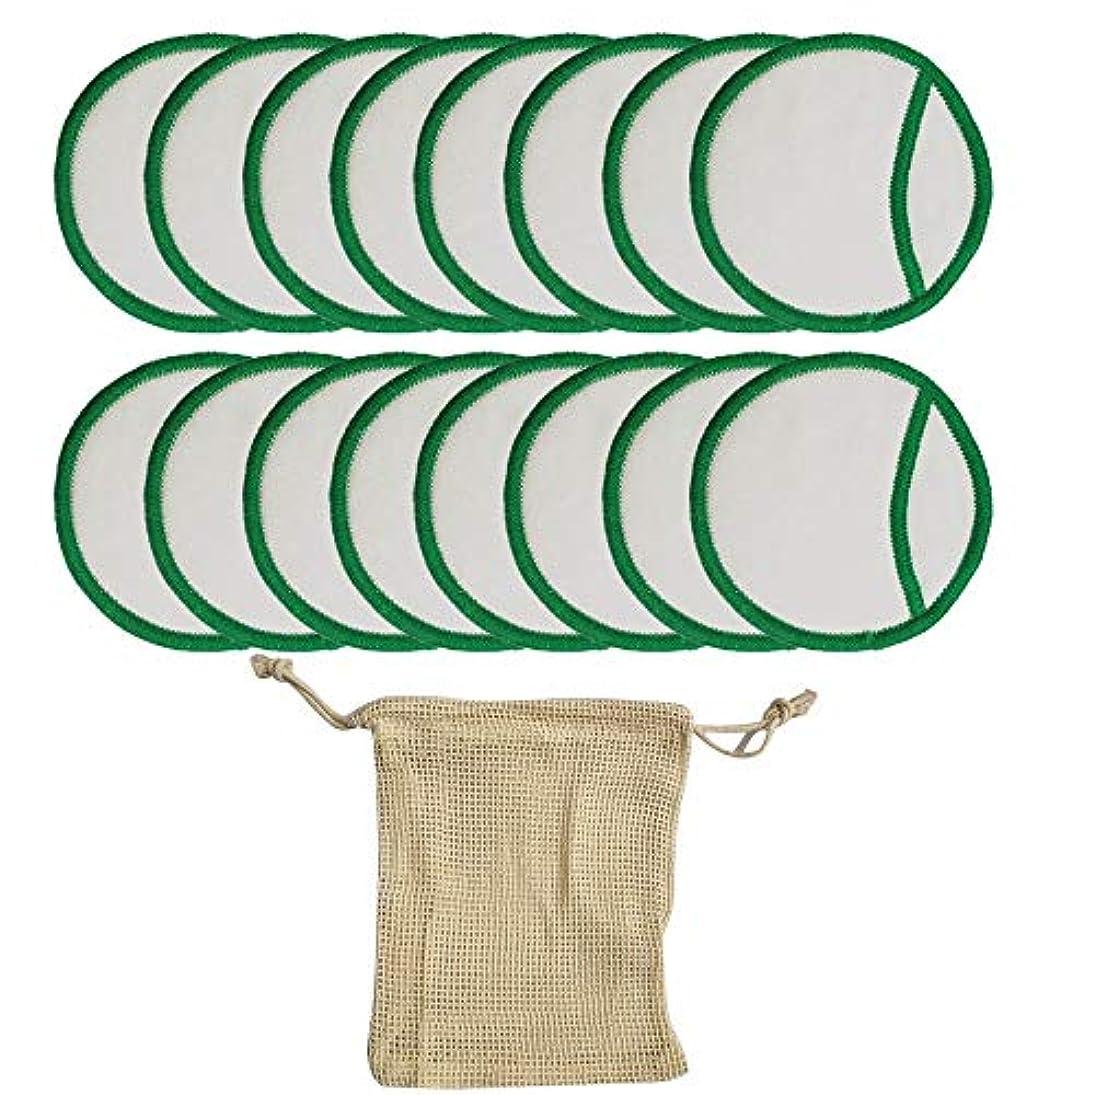 ラック刺す克服する16pcsメイクアップリムーバーパッド再利用可能な洗濯可能な3層竹フェイシャルクレンジングコットンワイプスキンケア用品用収納バッグ付き